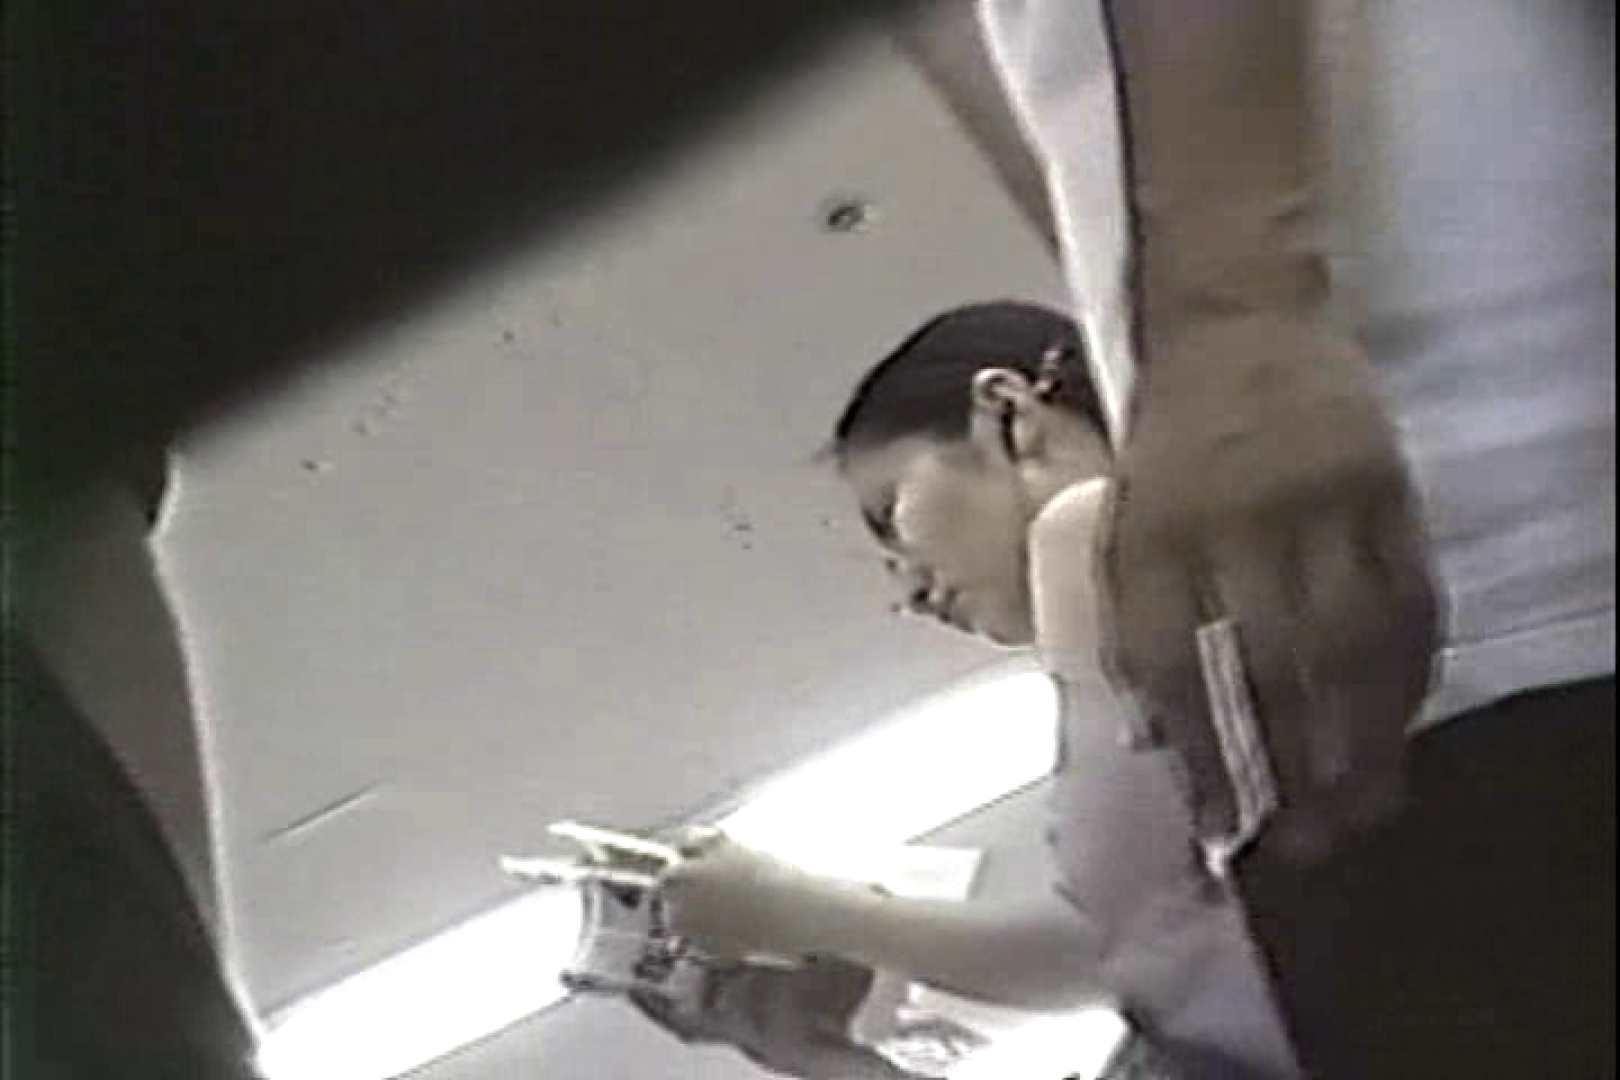 「ちくりん」さんのオリジナル未編集パンチラVol.6_01 美しいOLの裸体 AV無料動画キャプチャ 95pic 32